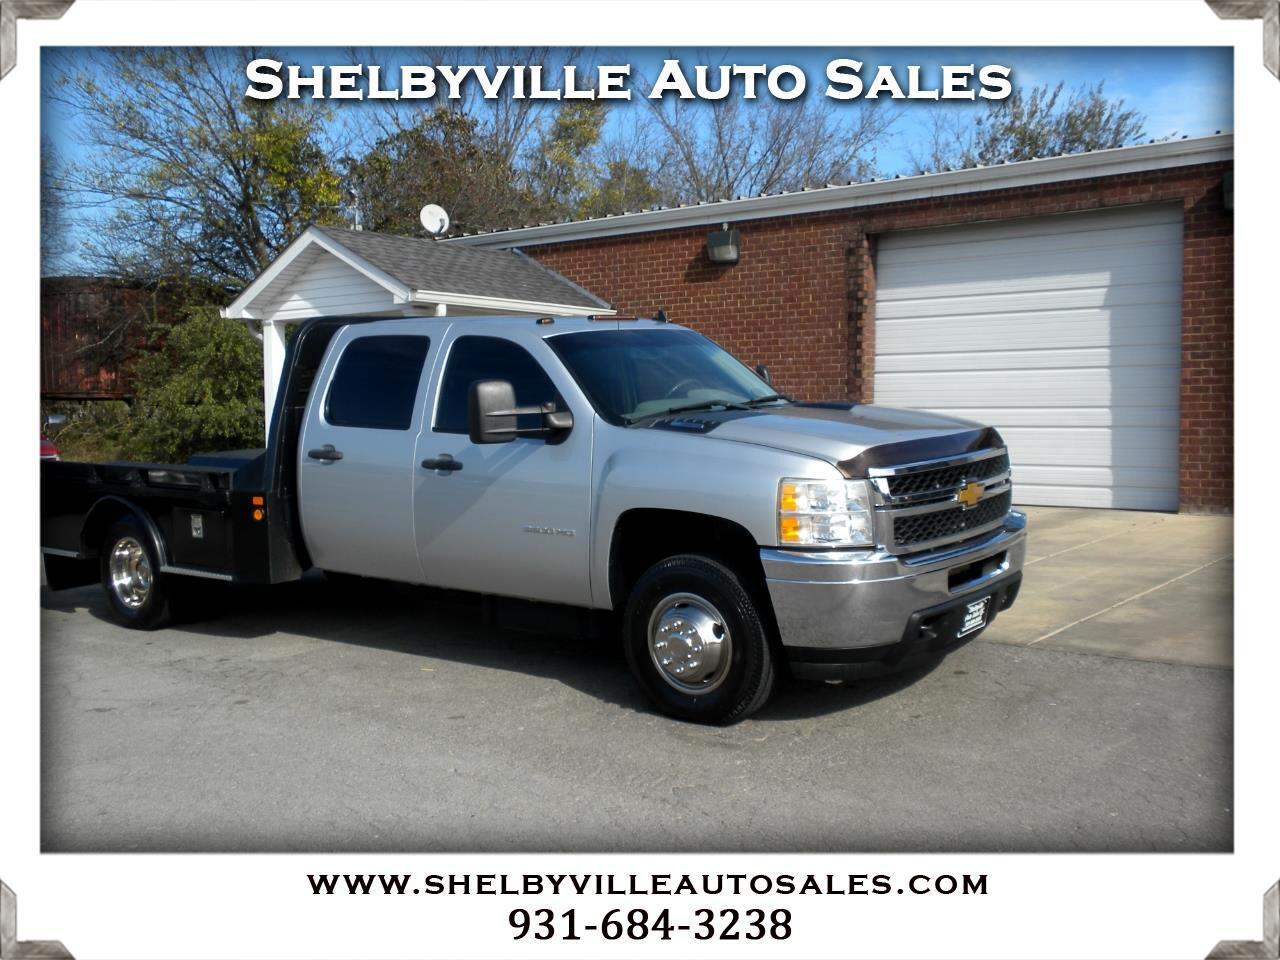 2013 Chevrolet Silverado 3500HD 4X4 Crew Cab